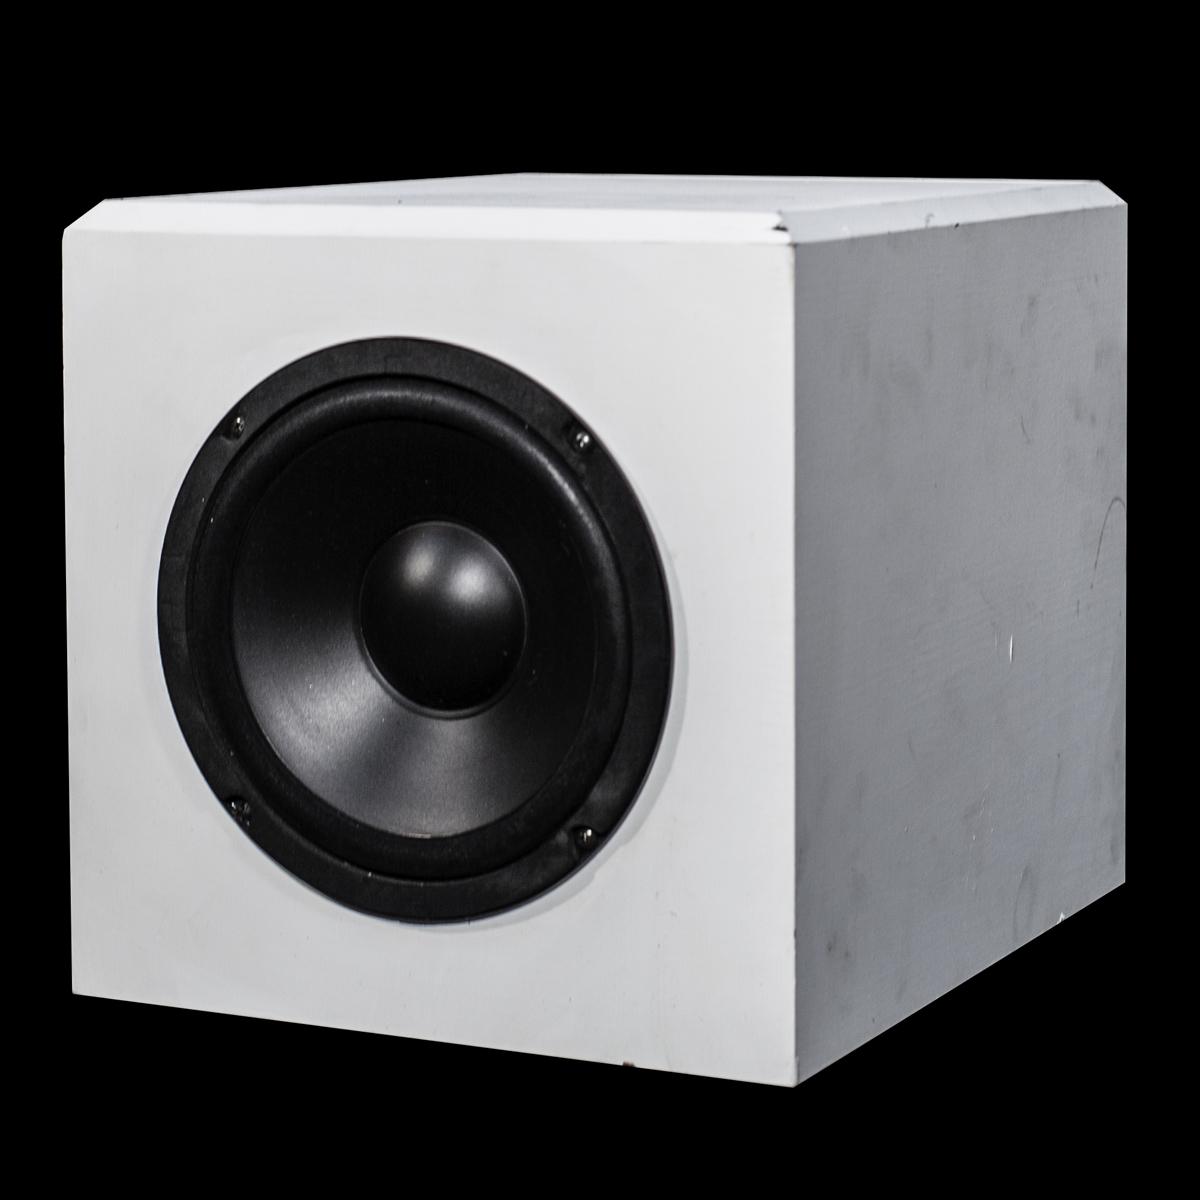 speaker_6.jpg